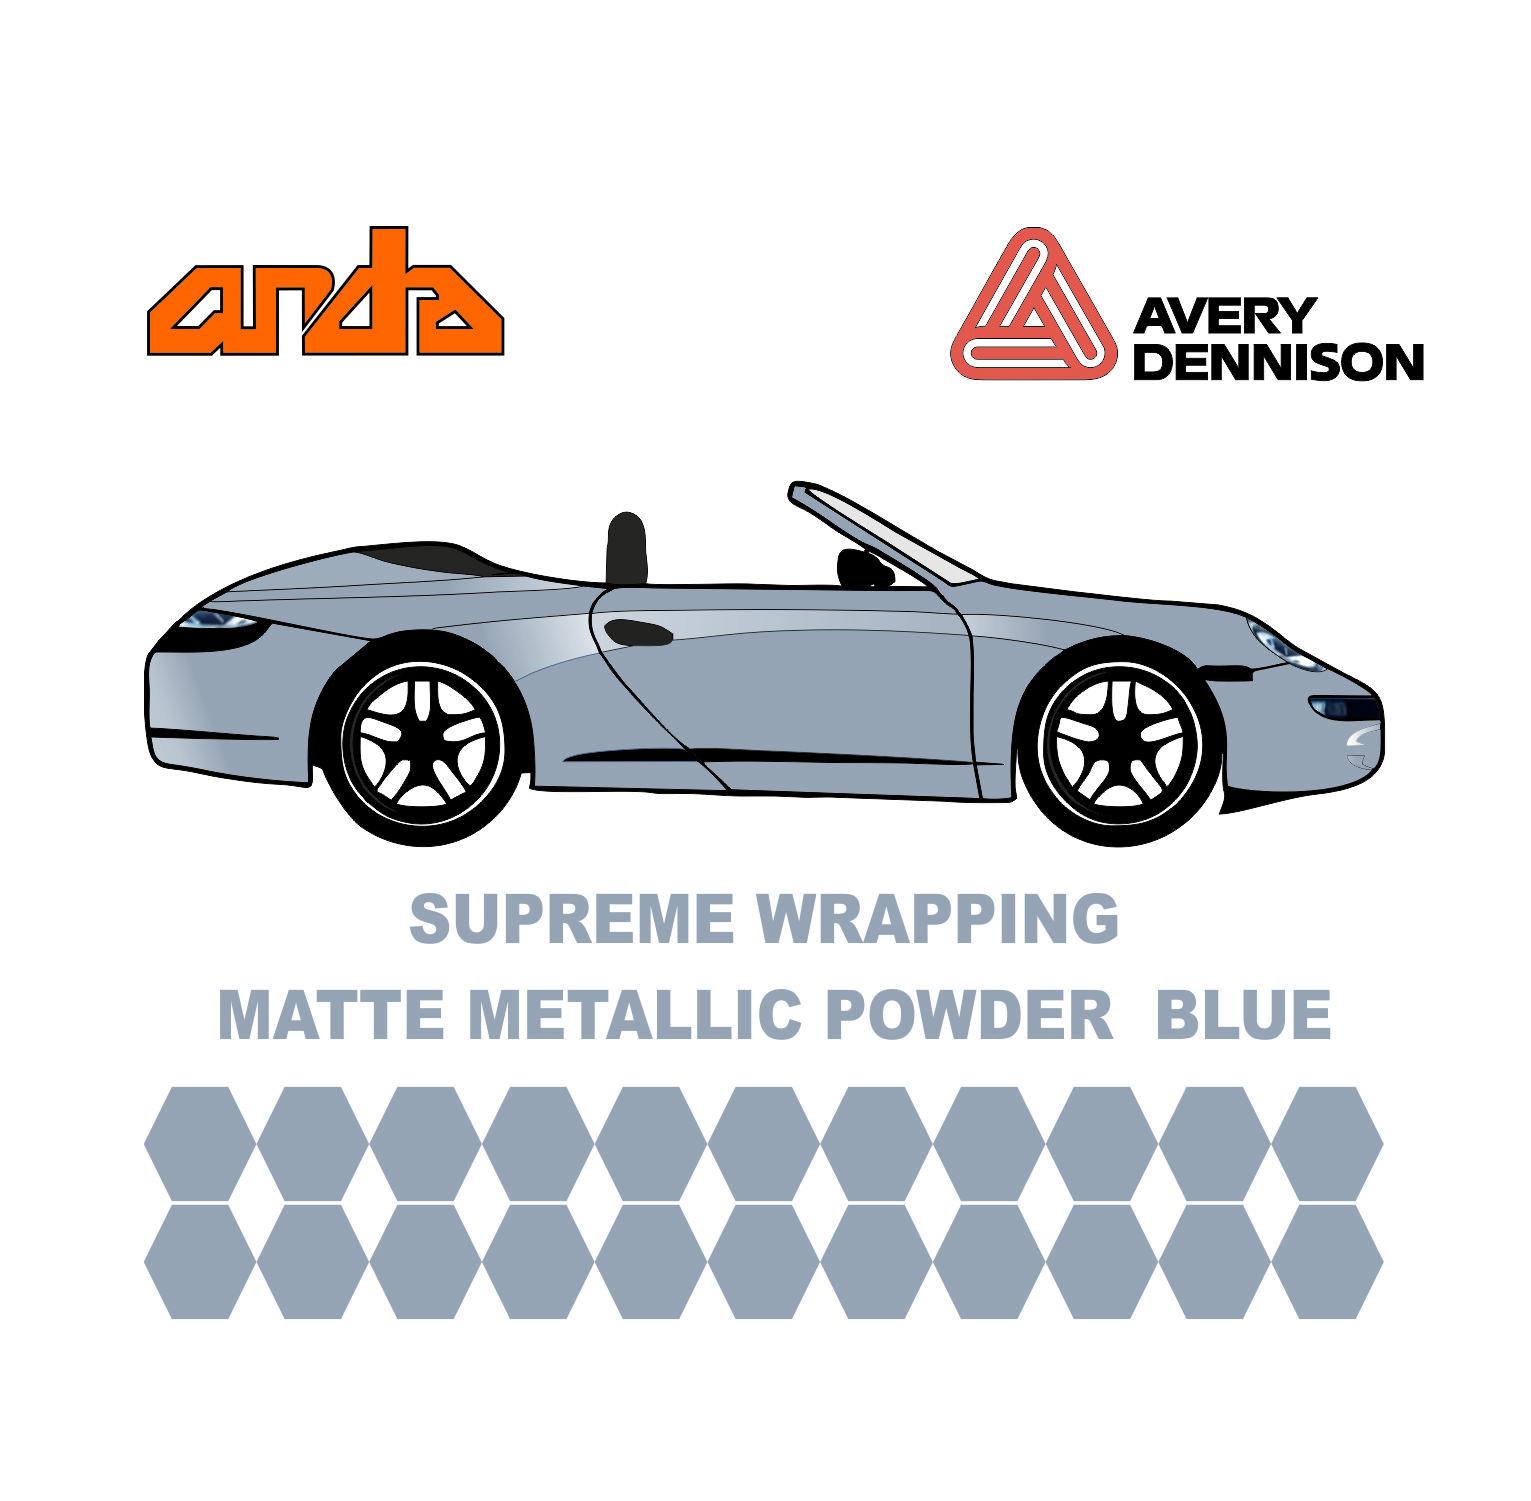 Avery Dennison- SWF Matte Metallic Powder Blue 1